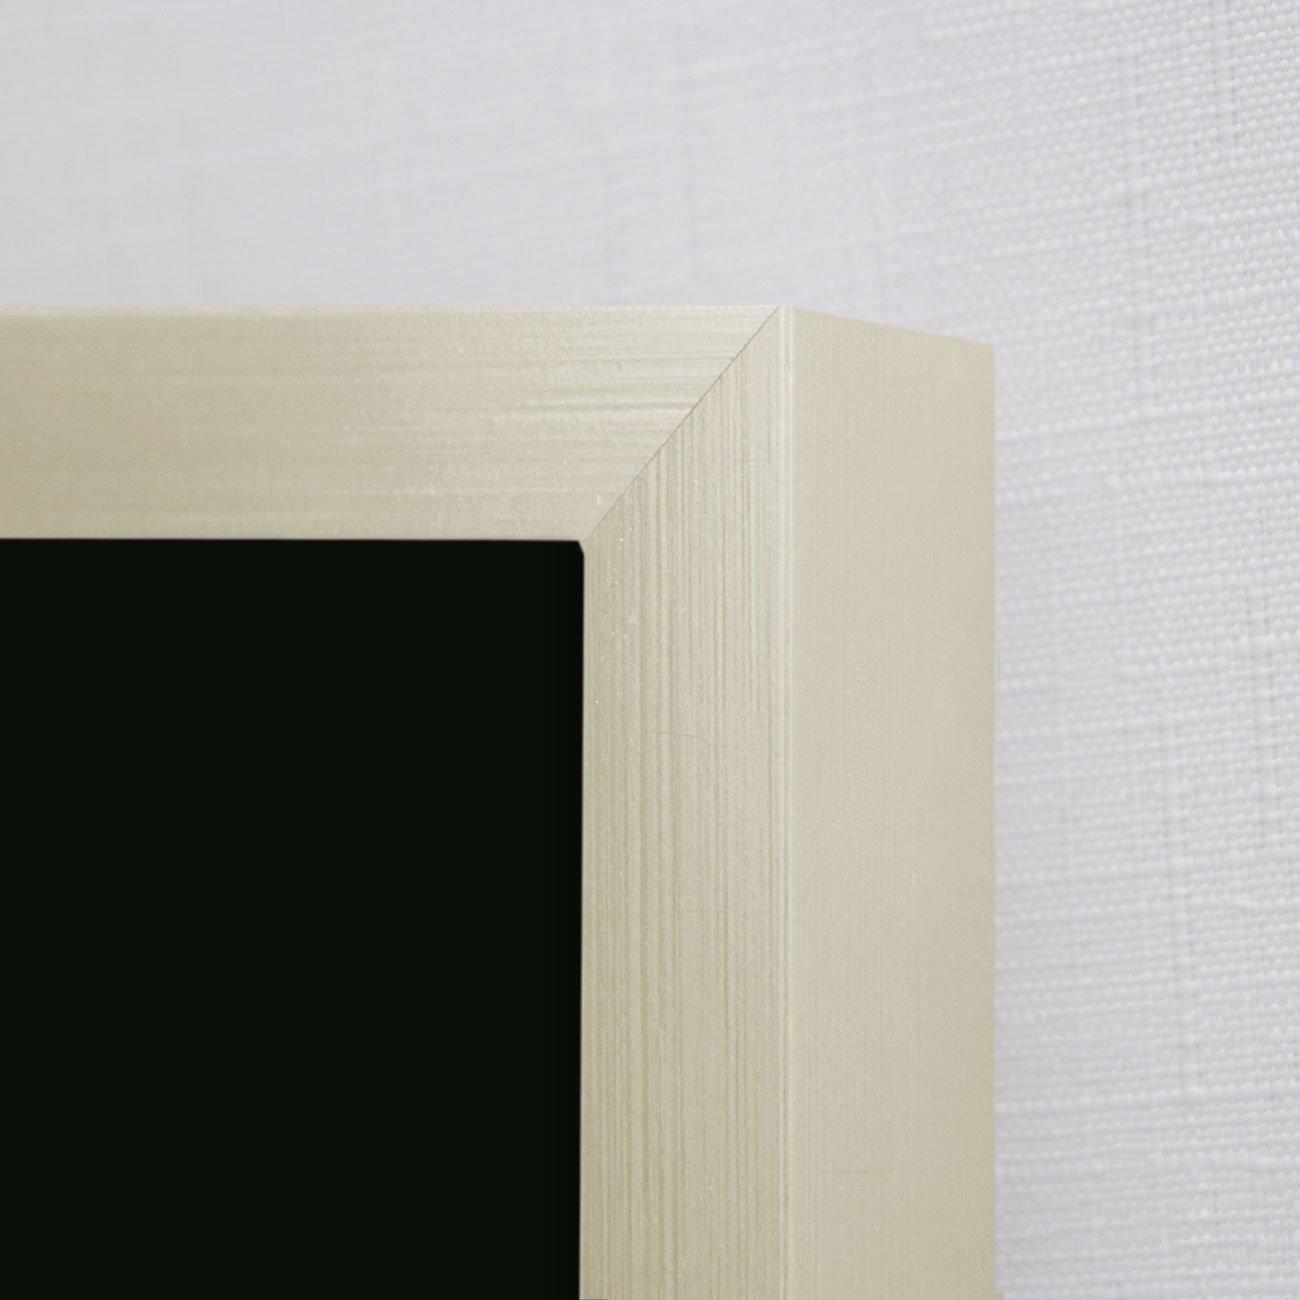 Quadro Decorativo Colorido Arte Geométrica 70x70 cm